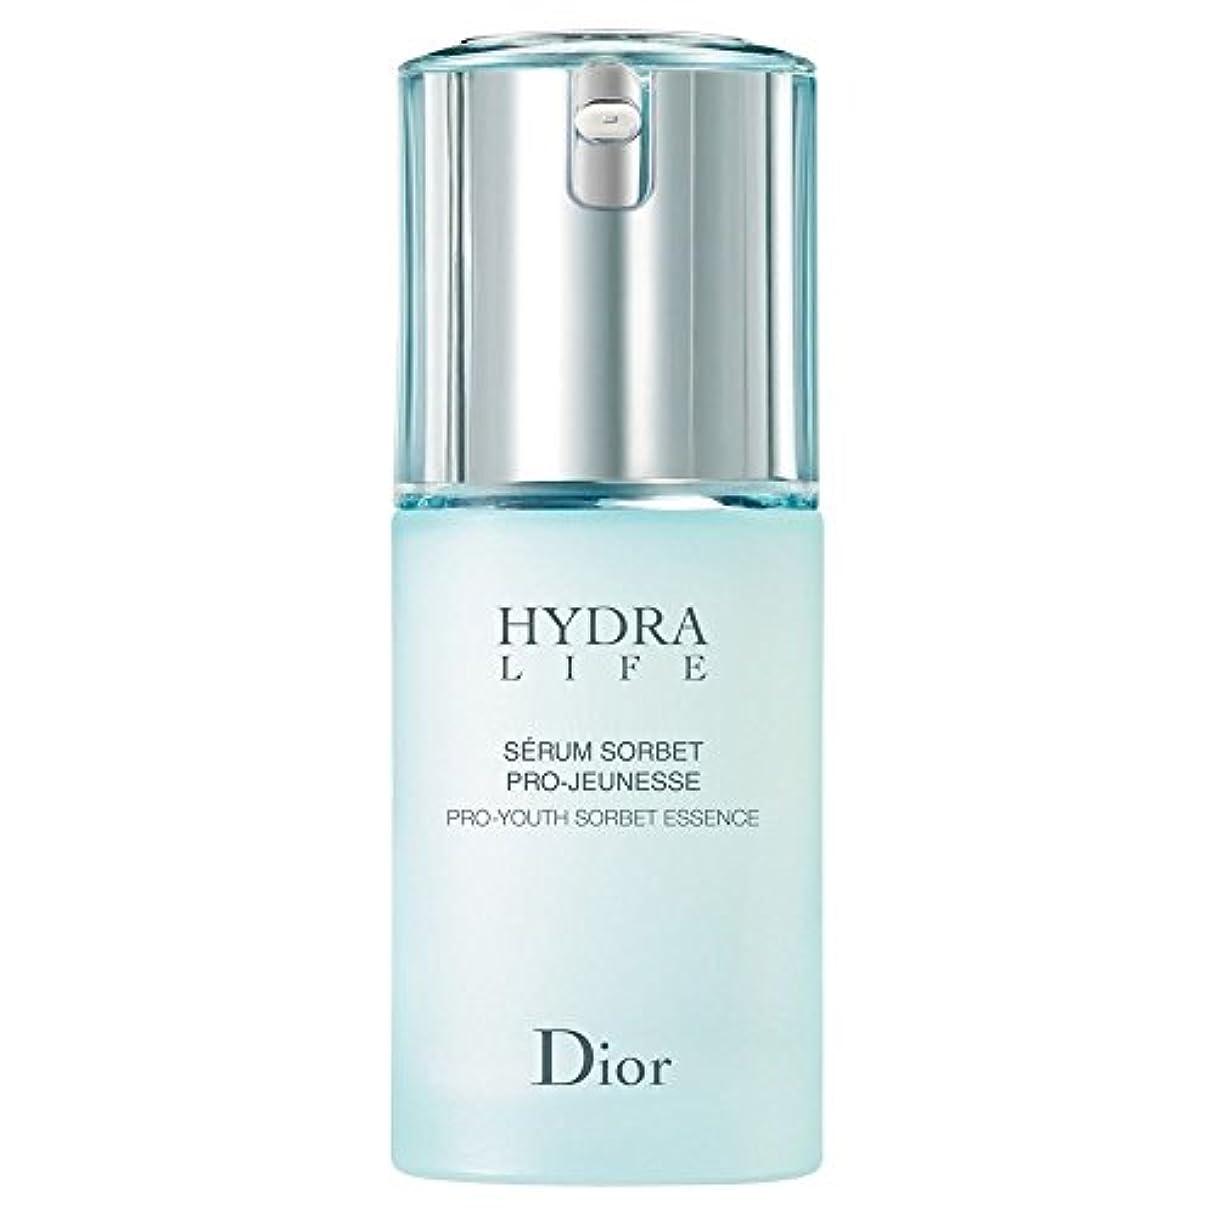 スチュワーデス隔離両方[Dior] ディオールヒドラライフプロ若者シャーベットセラム30Ml - Dior Hydra Life Pro-Youth Sorbet Serum 30ml [並行輸入品]